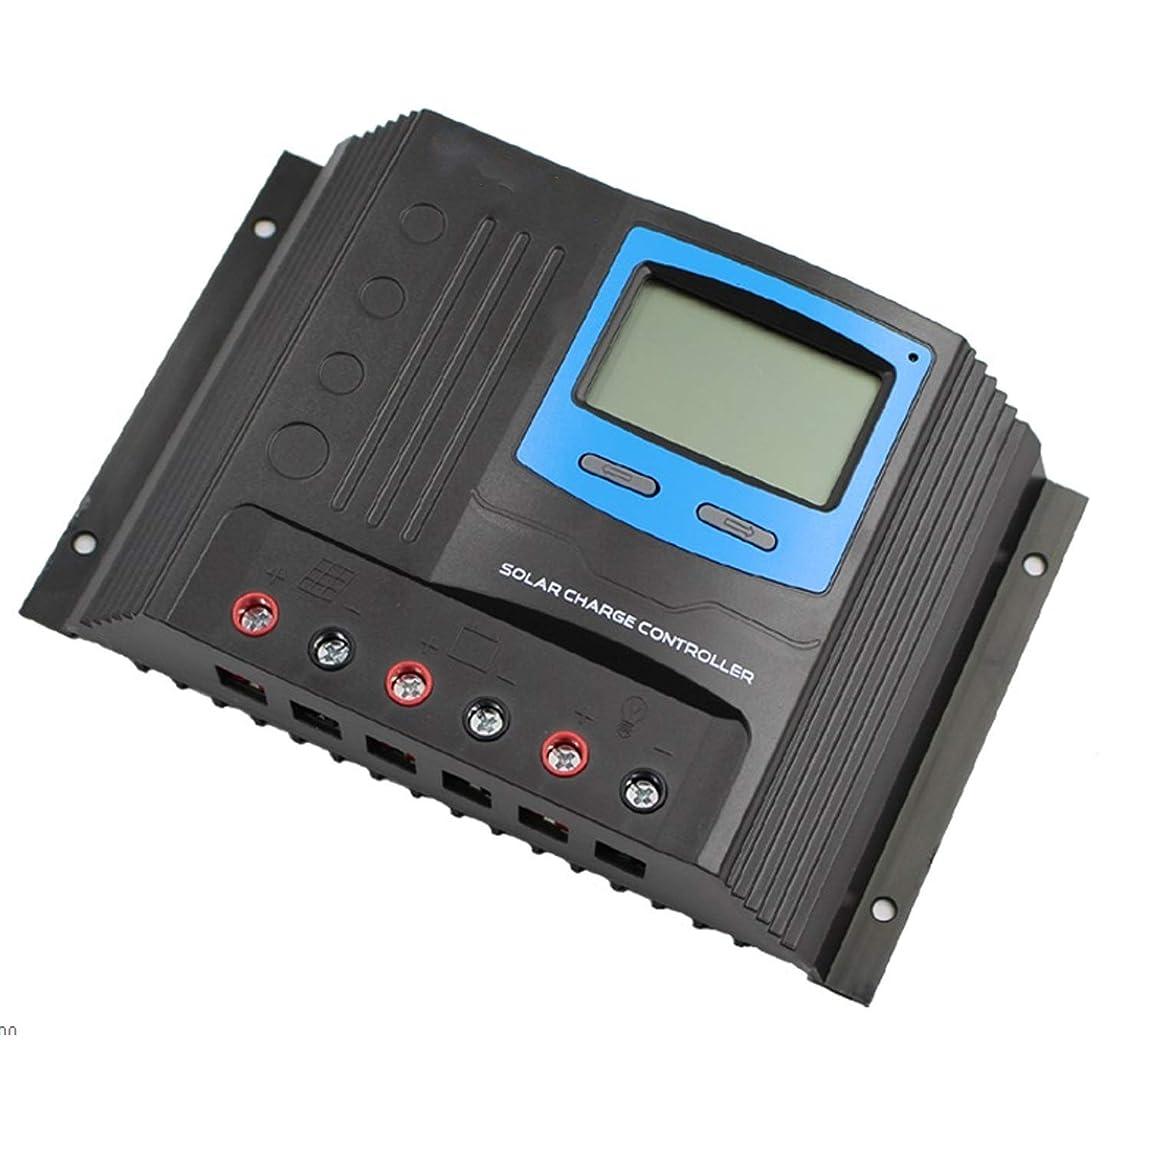 お父さん写真を撮る象20アンペアMPPTソーラー充電コントローラTD2210 20A / 12V-24V Max.100Vソーラー入力。USB 1A 5V